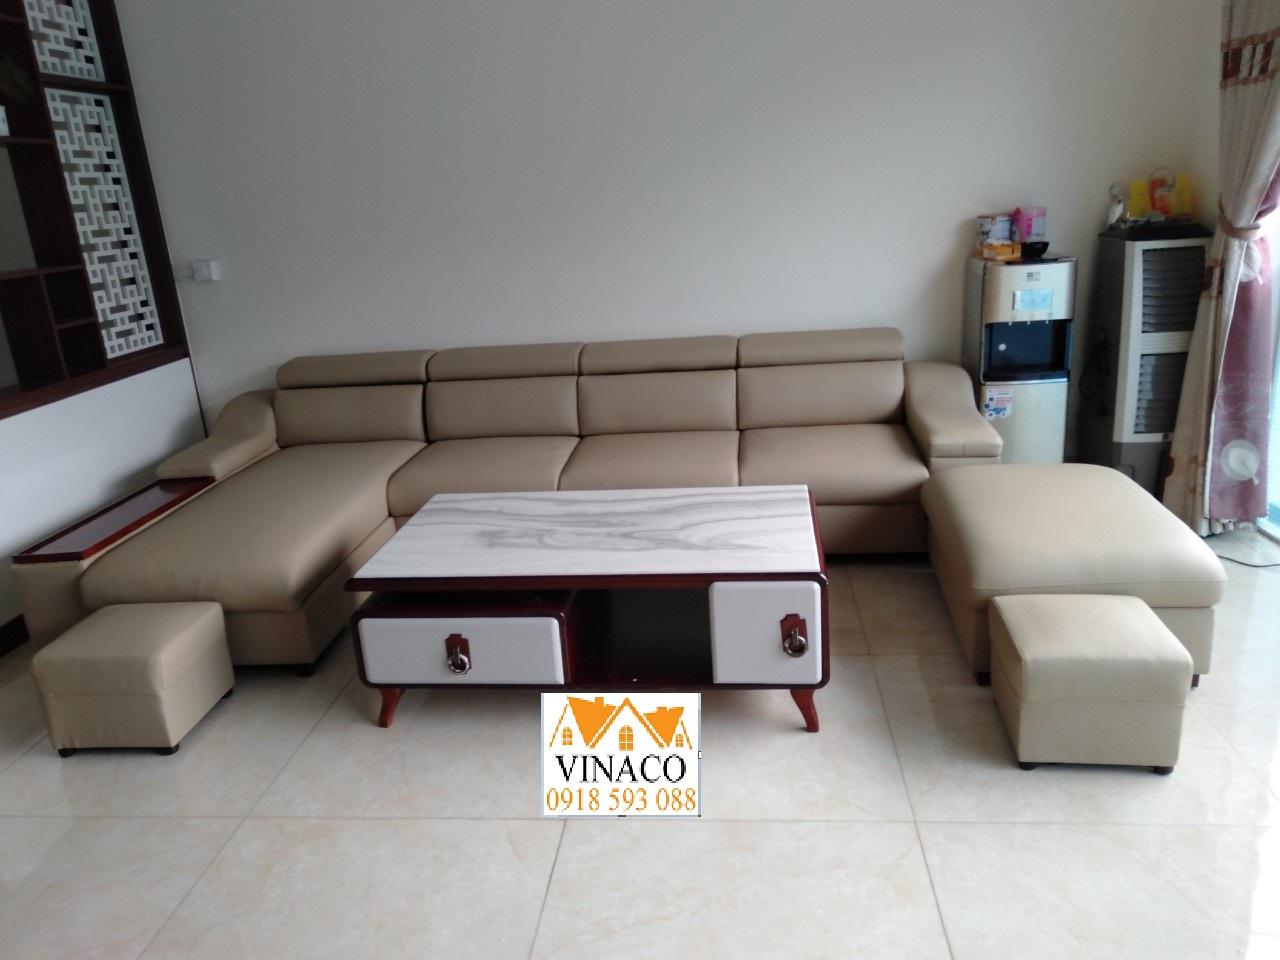 Mẫu chất liệu cho bọc ghế sofa phổ biến hiện nay